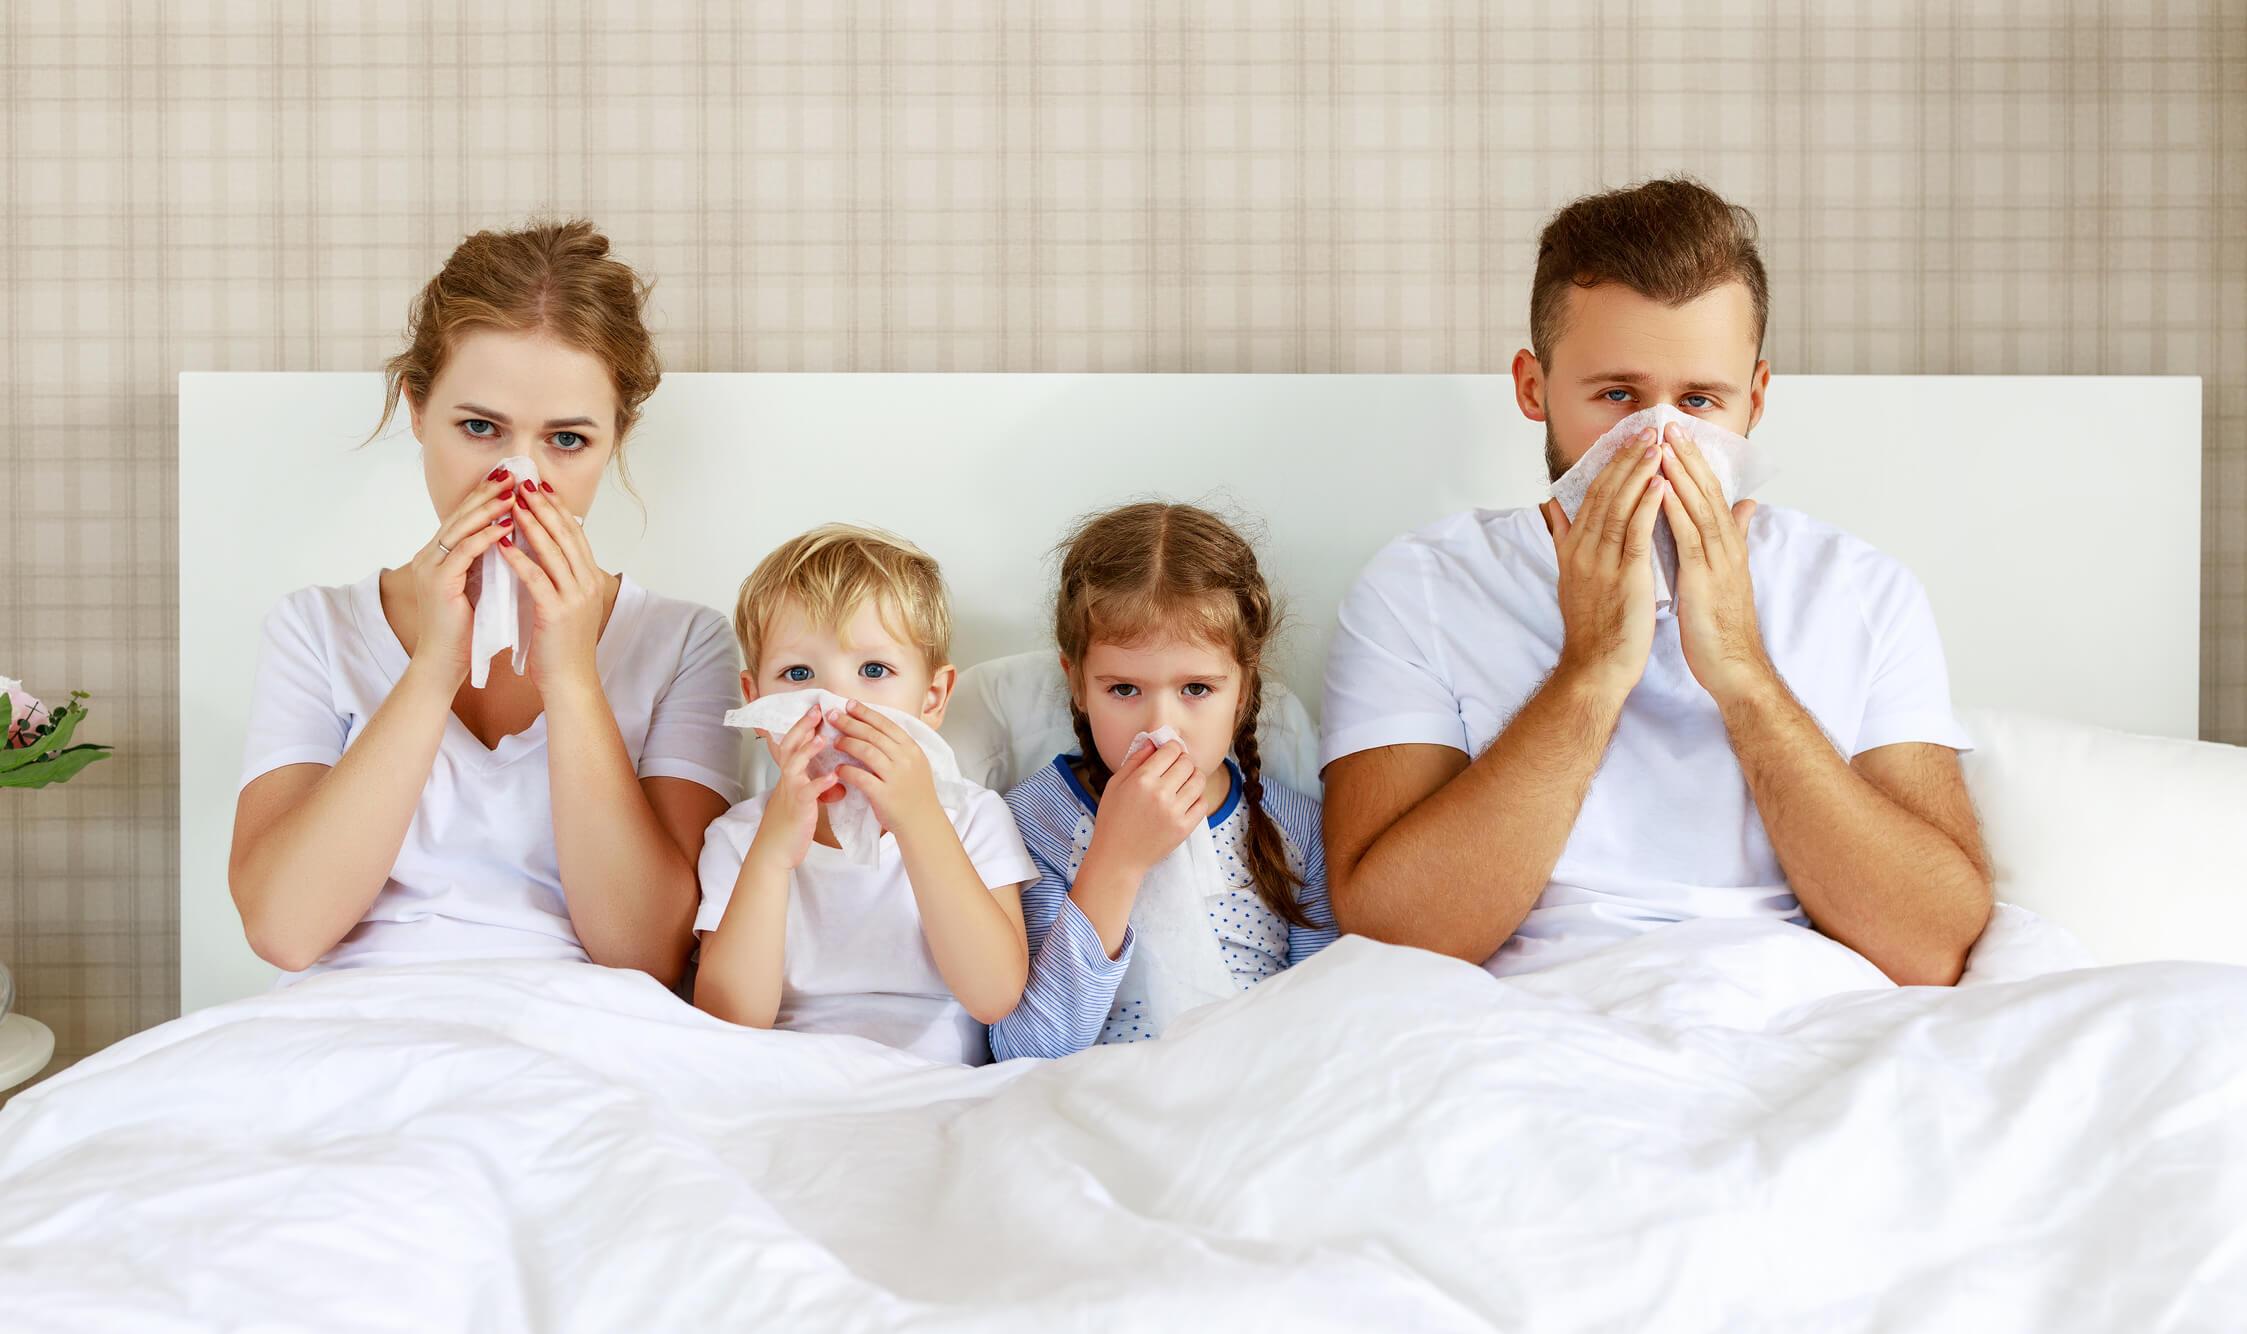 ביטוח מחלות קשות - מה הסיכוי (1)